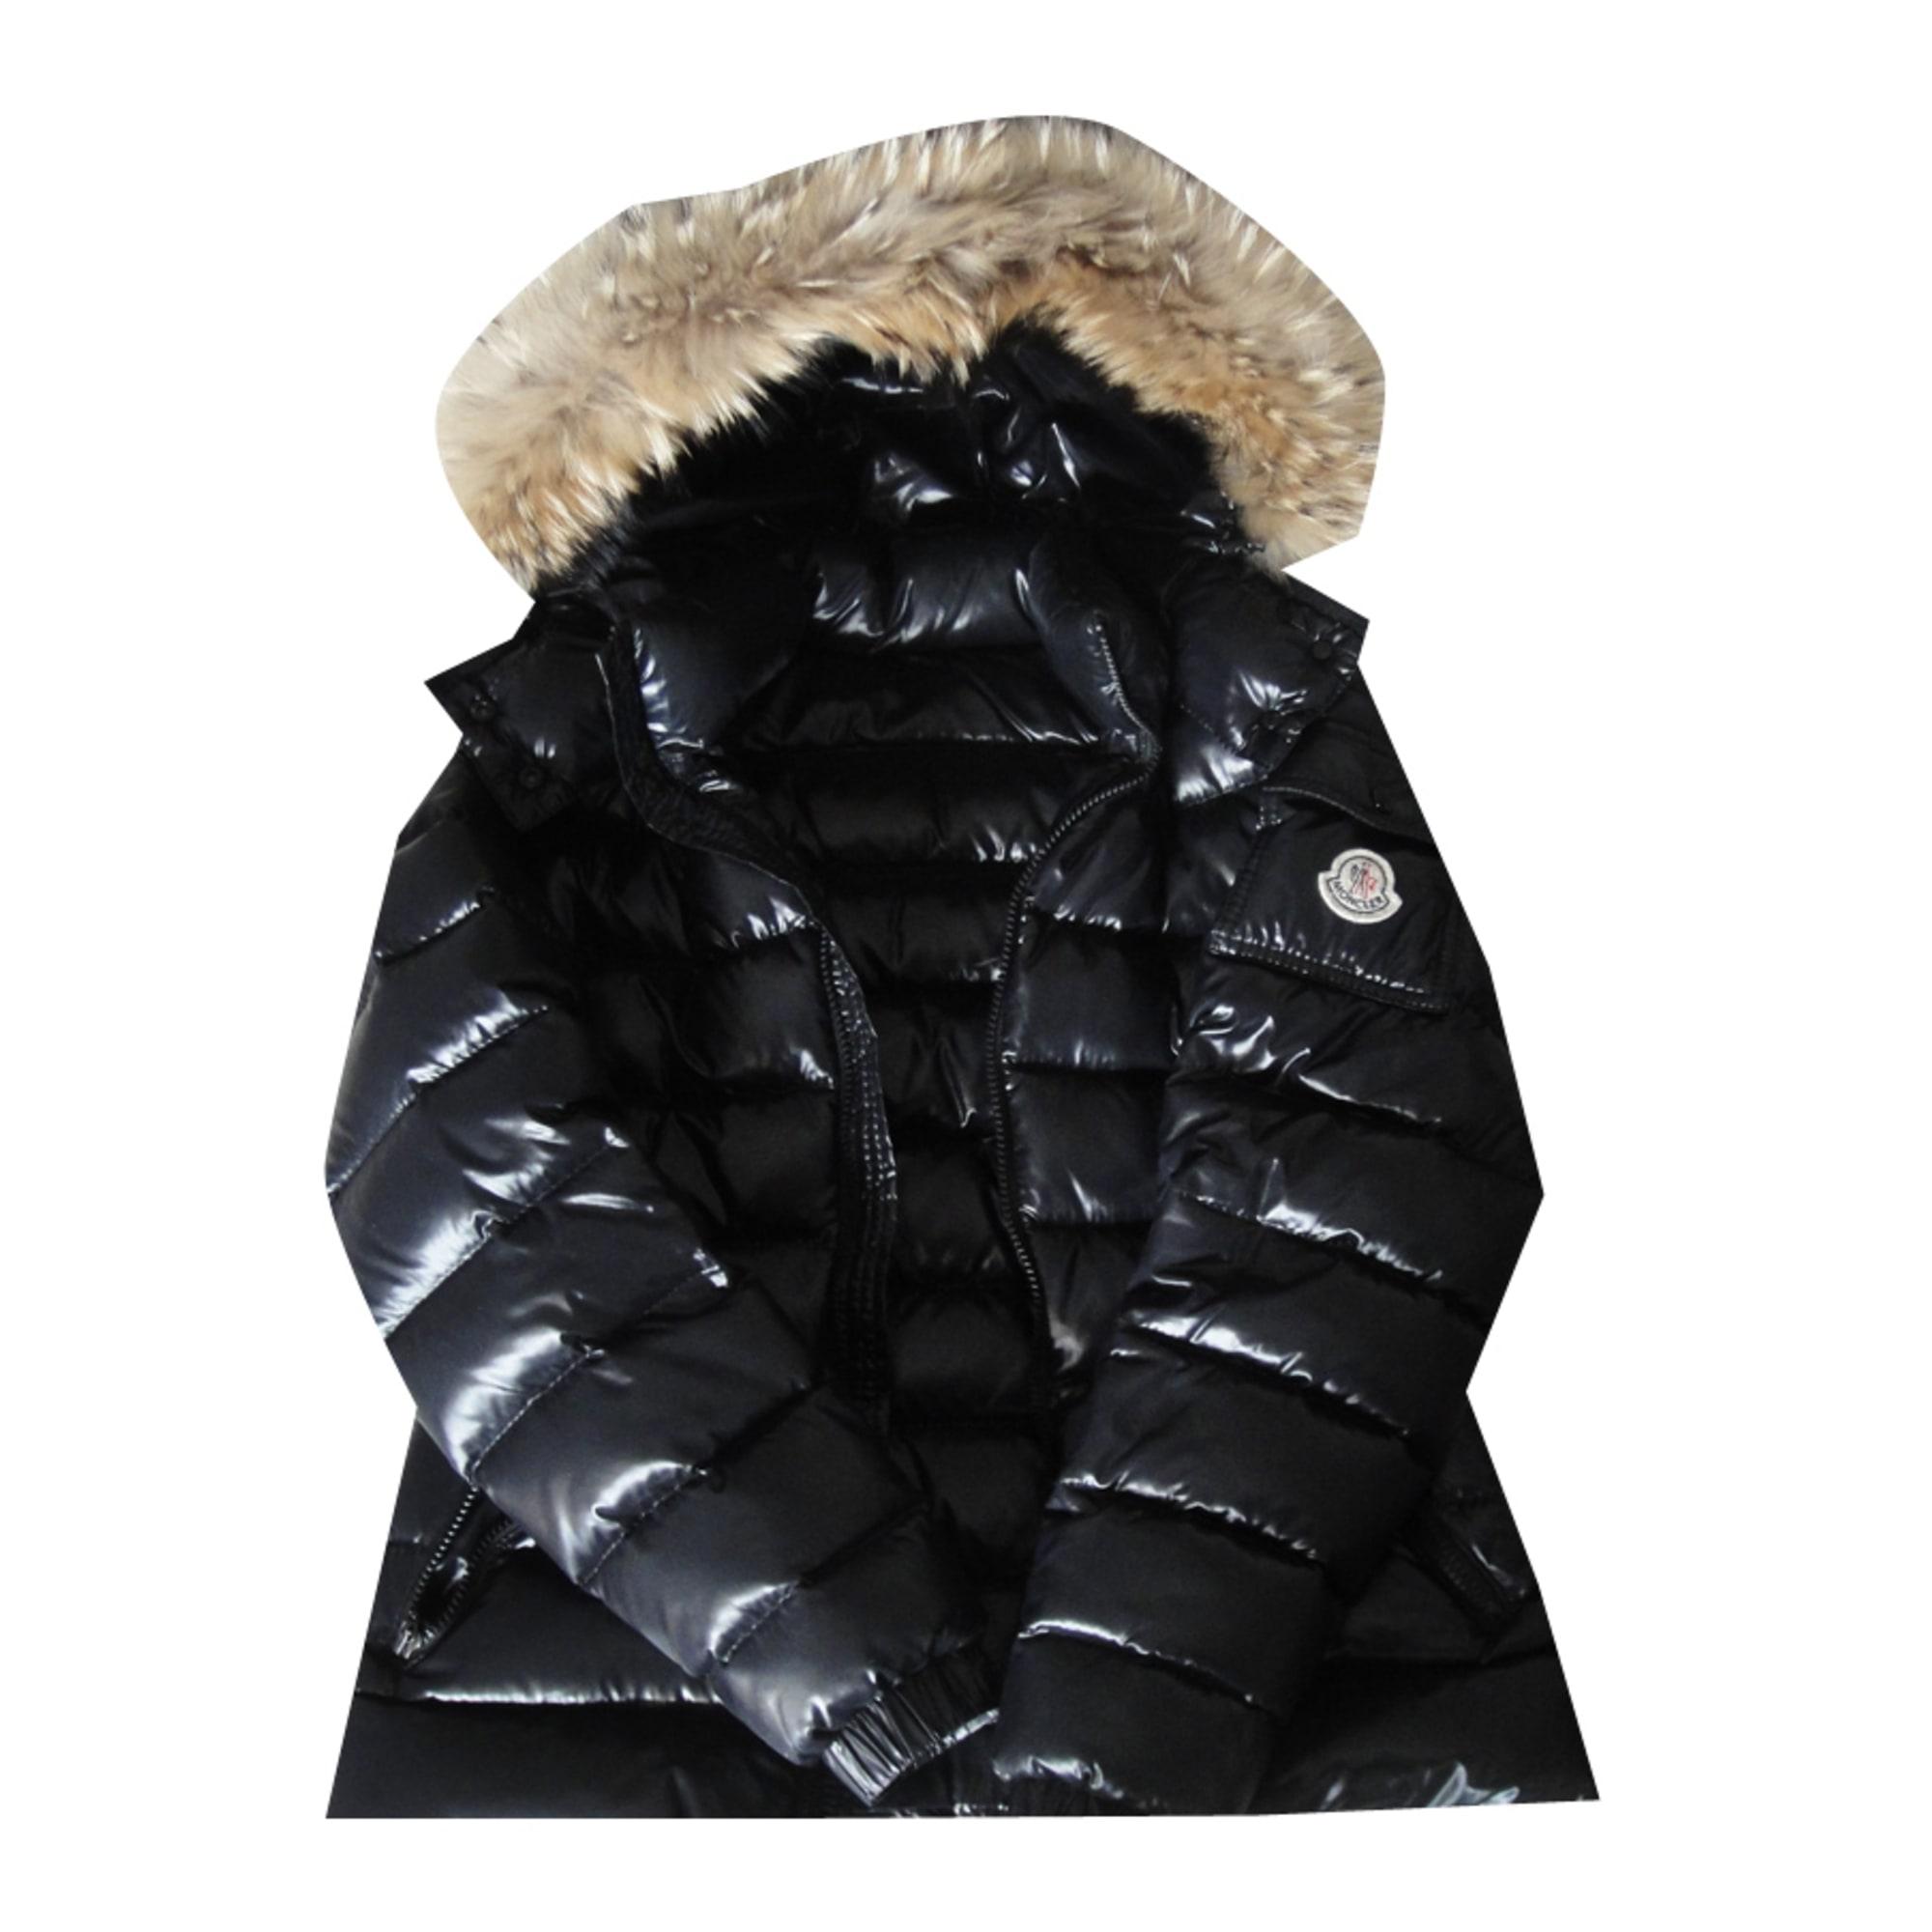 487702fd2207 Doudoune MONCLER 36 (S, T1) noir vendu par Marie helene 4266320 ...